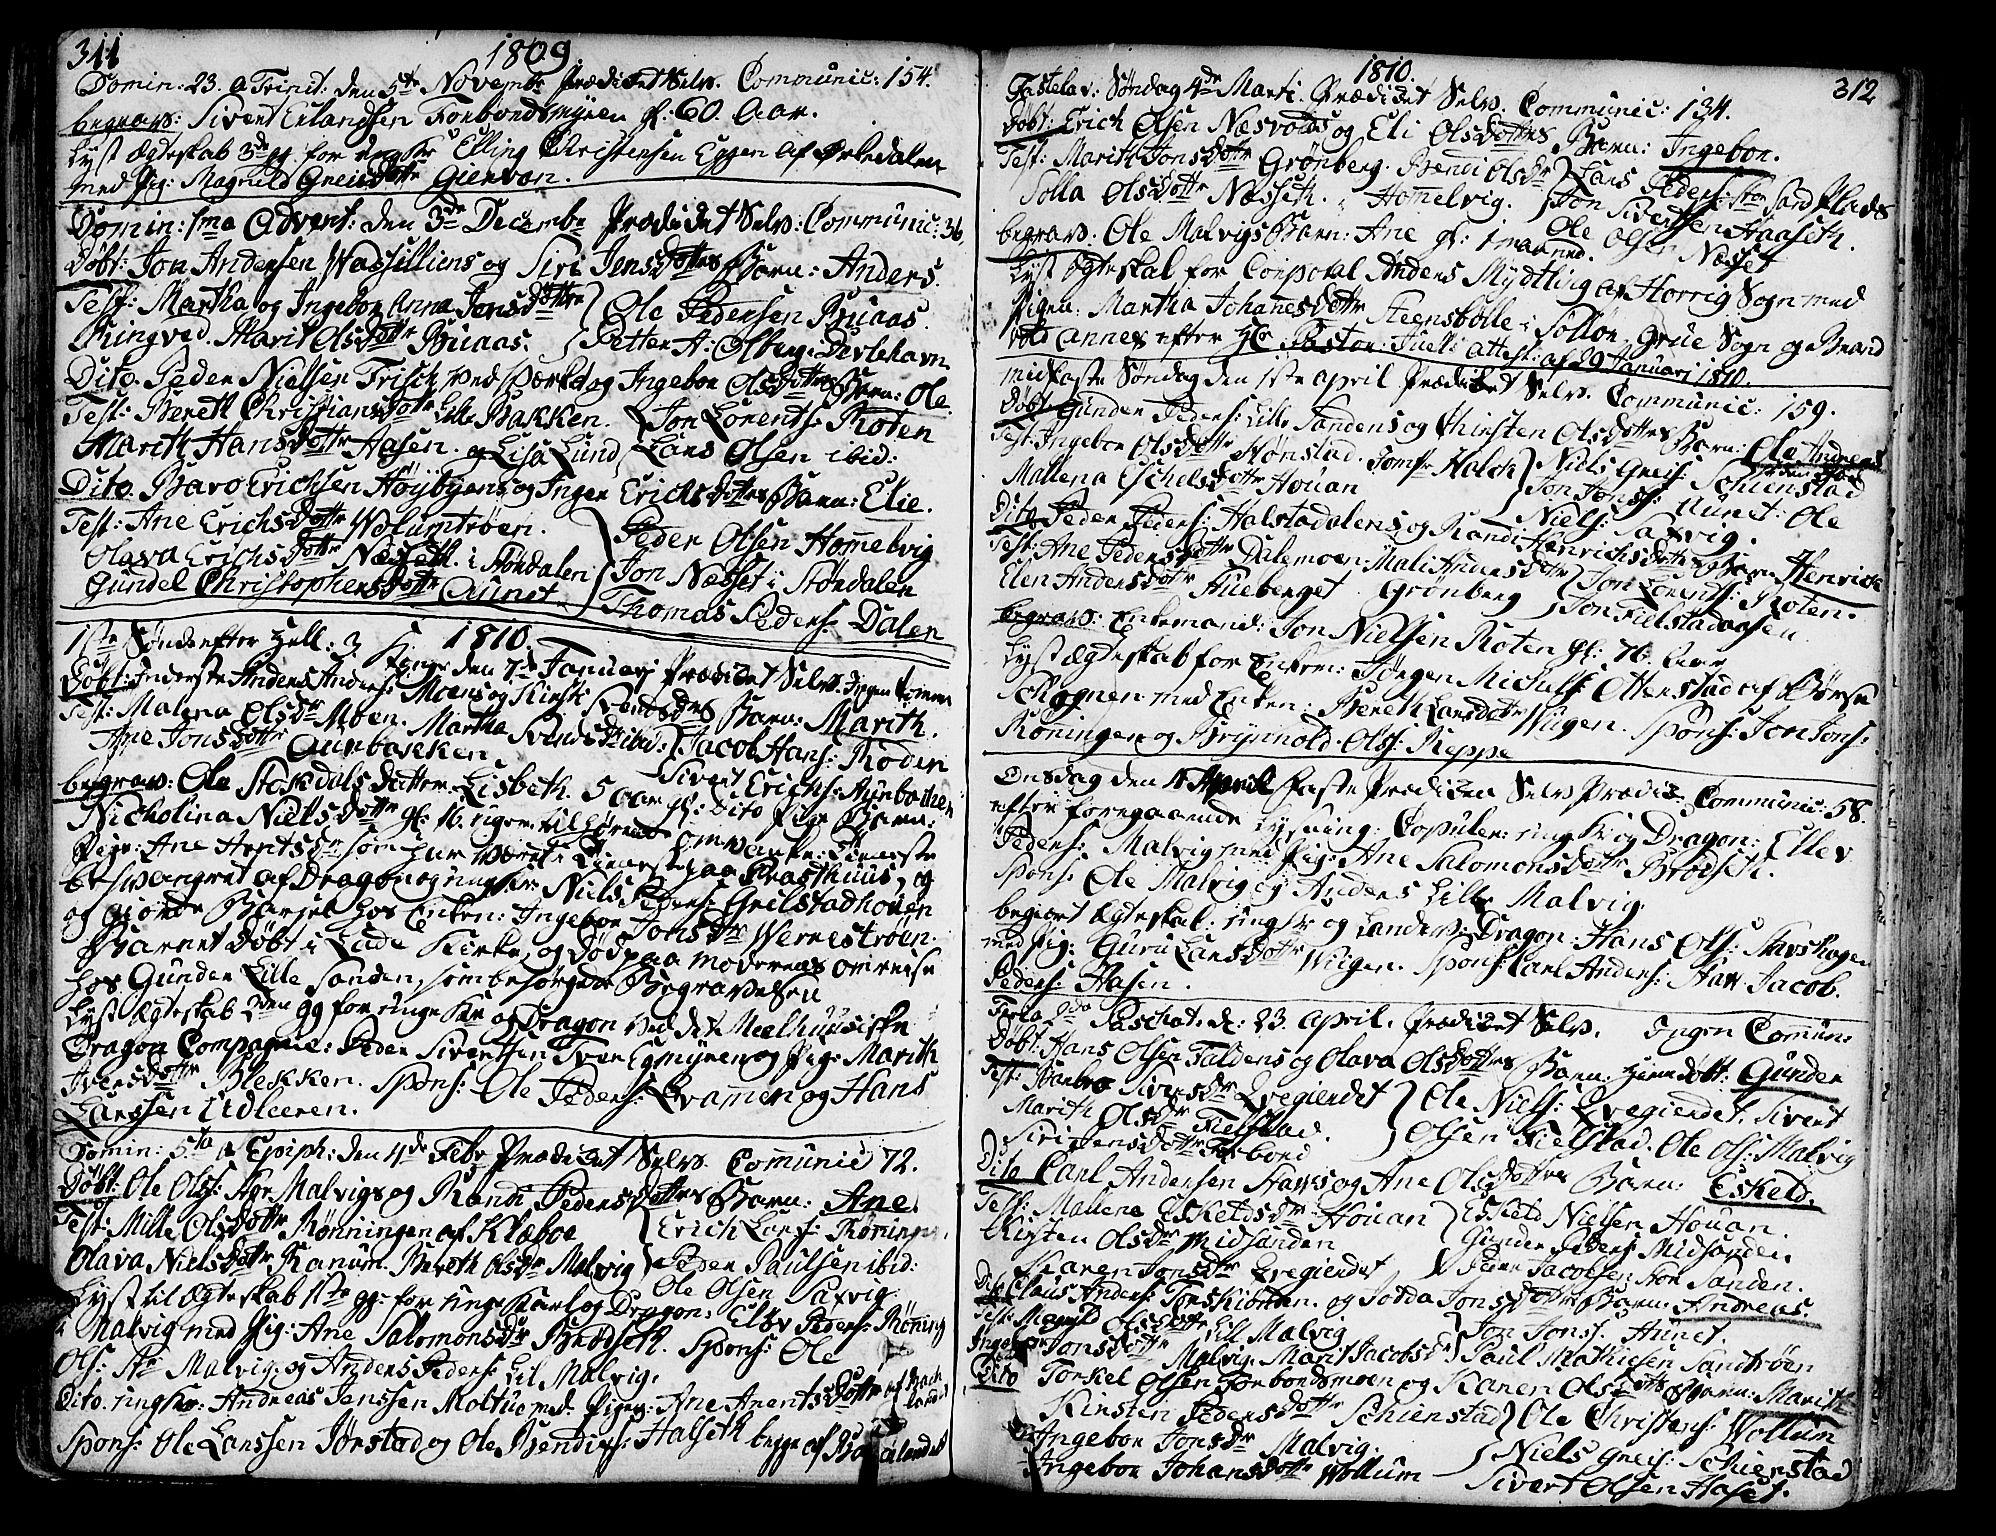 SAT, Ministerialprotokoller, klokkerbøker og fødselsregistre - Sør-Trøndelag, 606/L0281: Ministerialbok nr. 606A02 /2, 1781-1817, s. 311-312